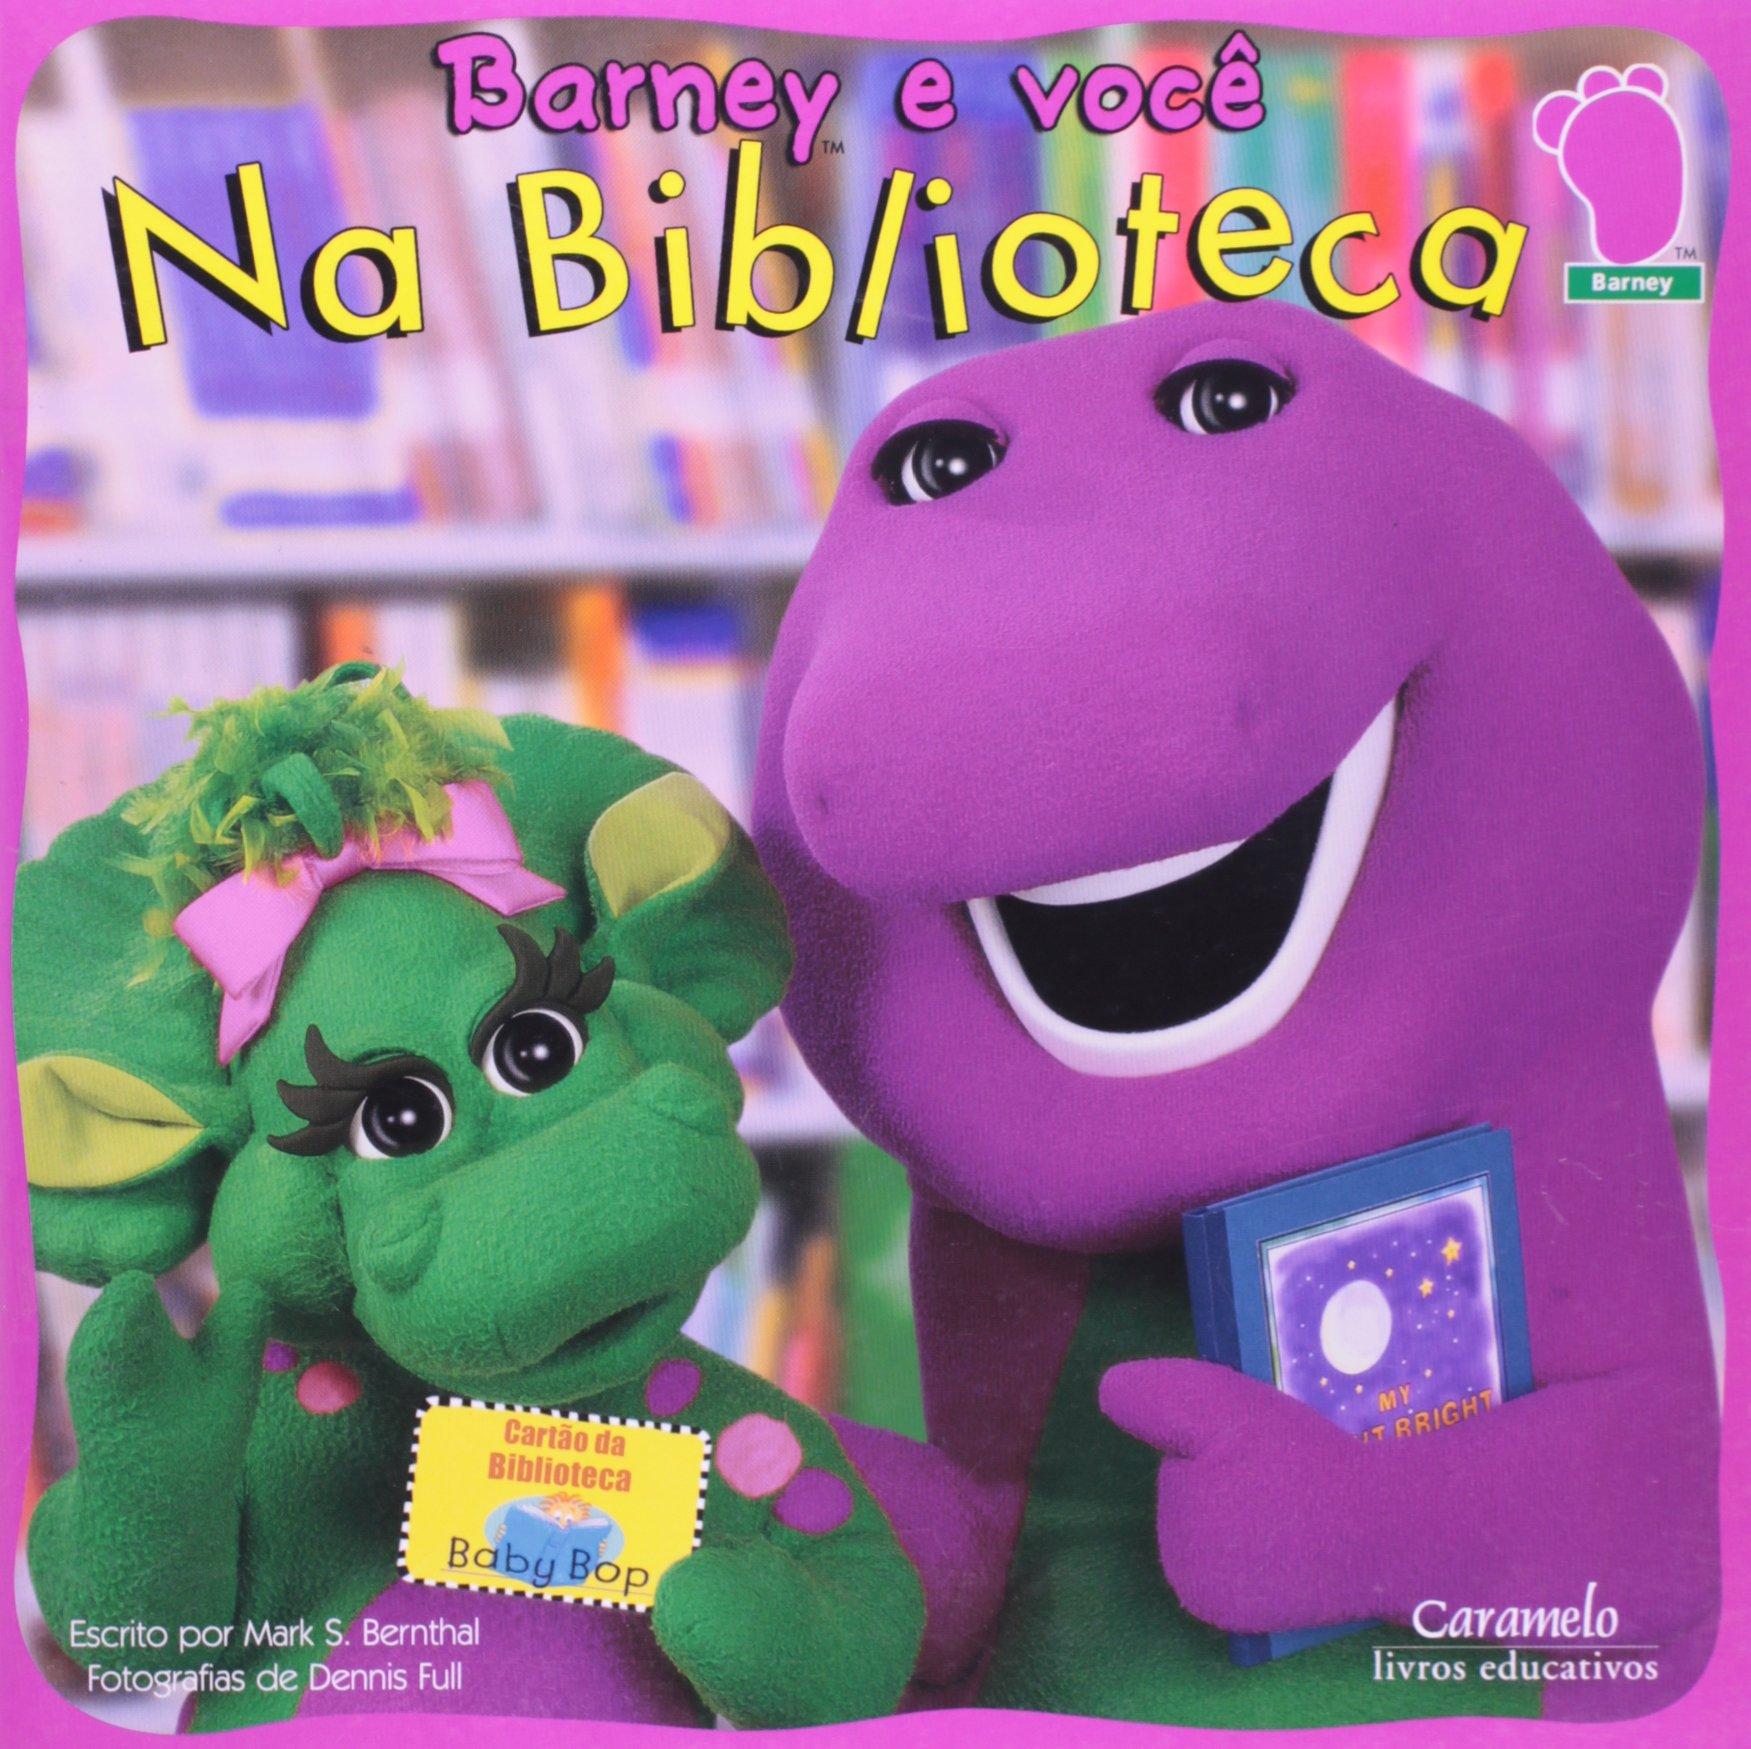 Barney E Voce. Na Biblioteca: 9788573404272: Amazon.com: Books